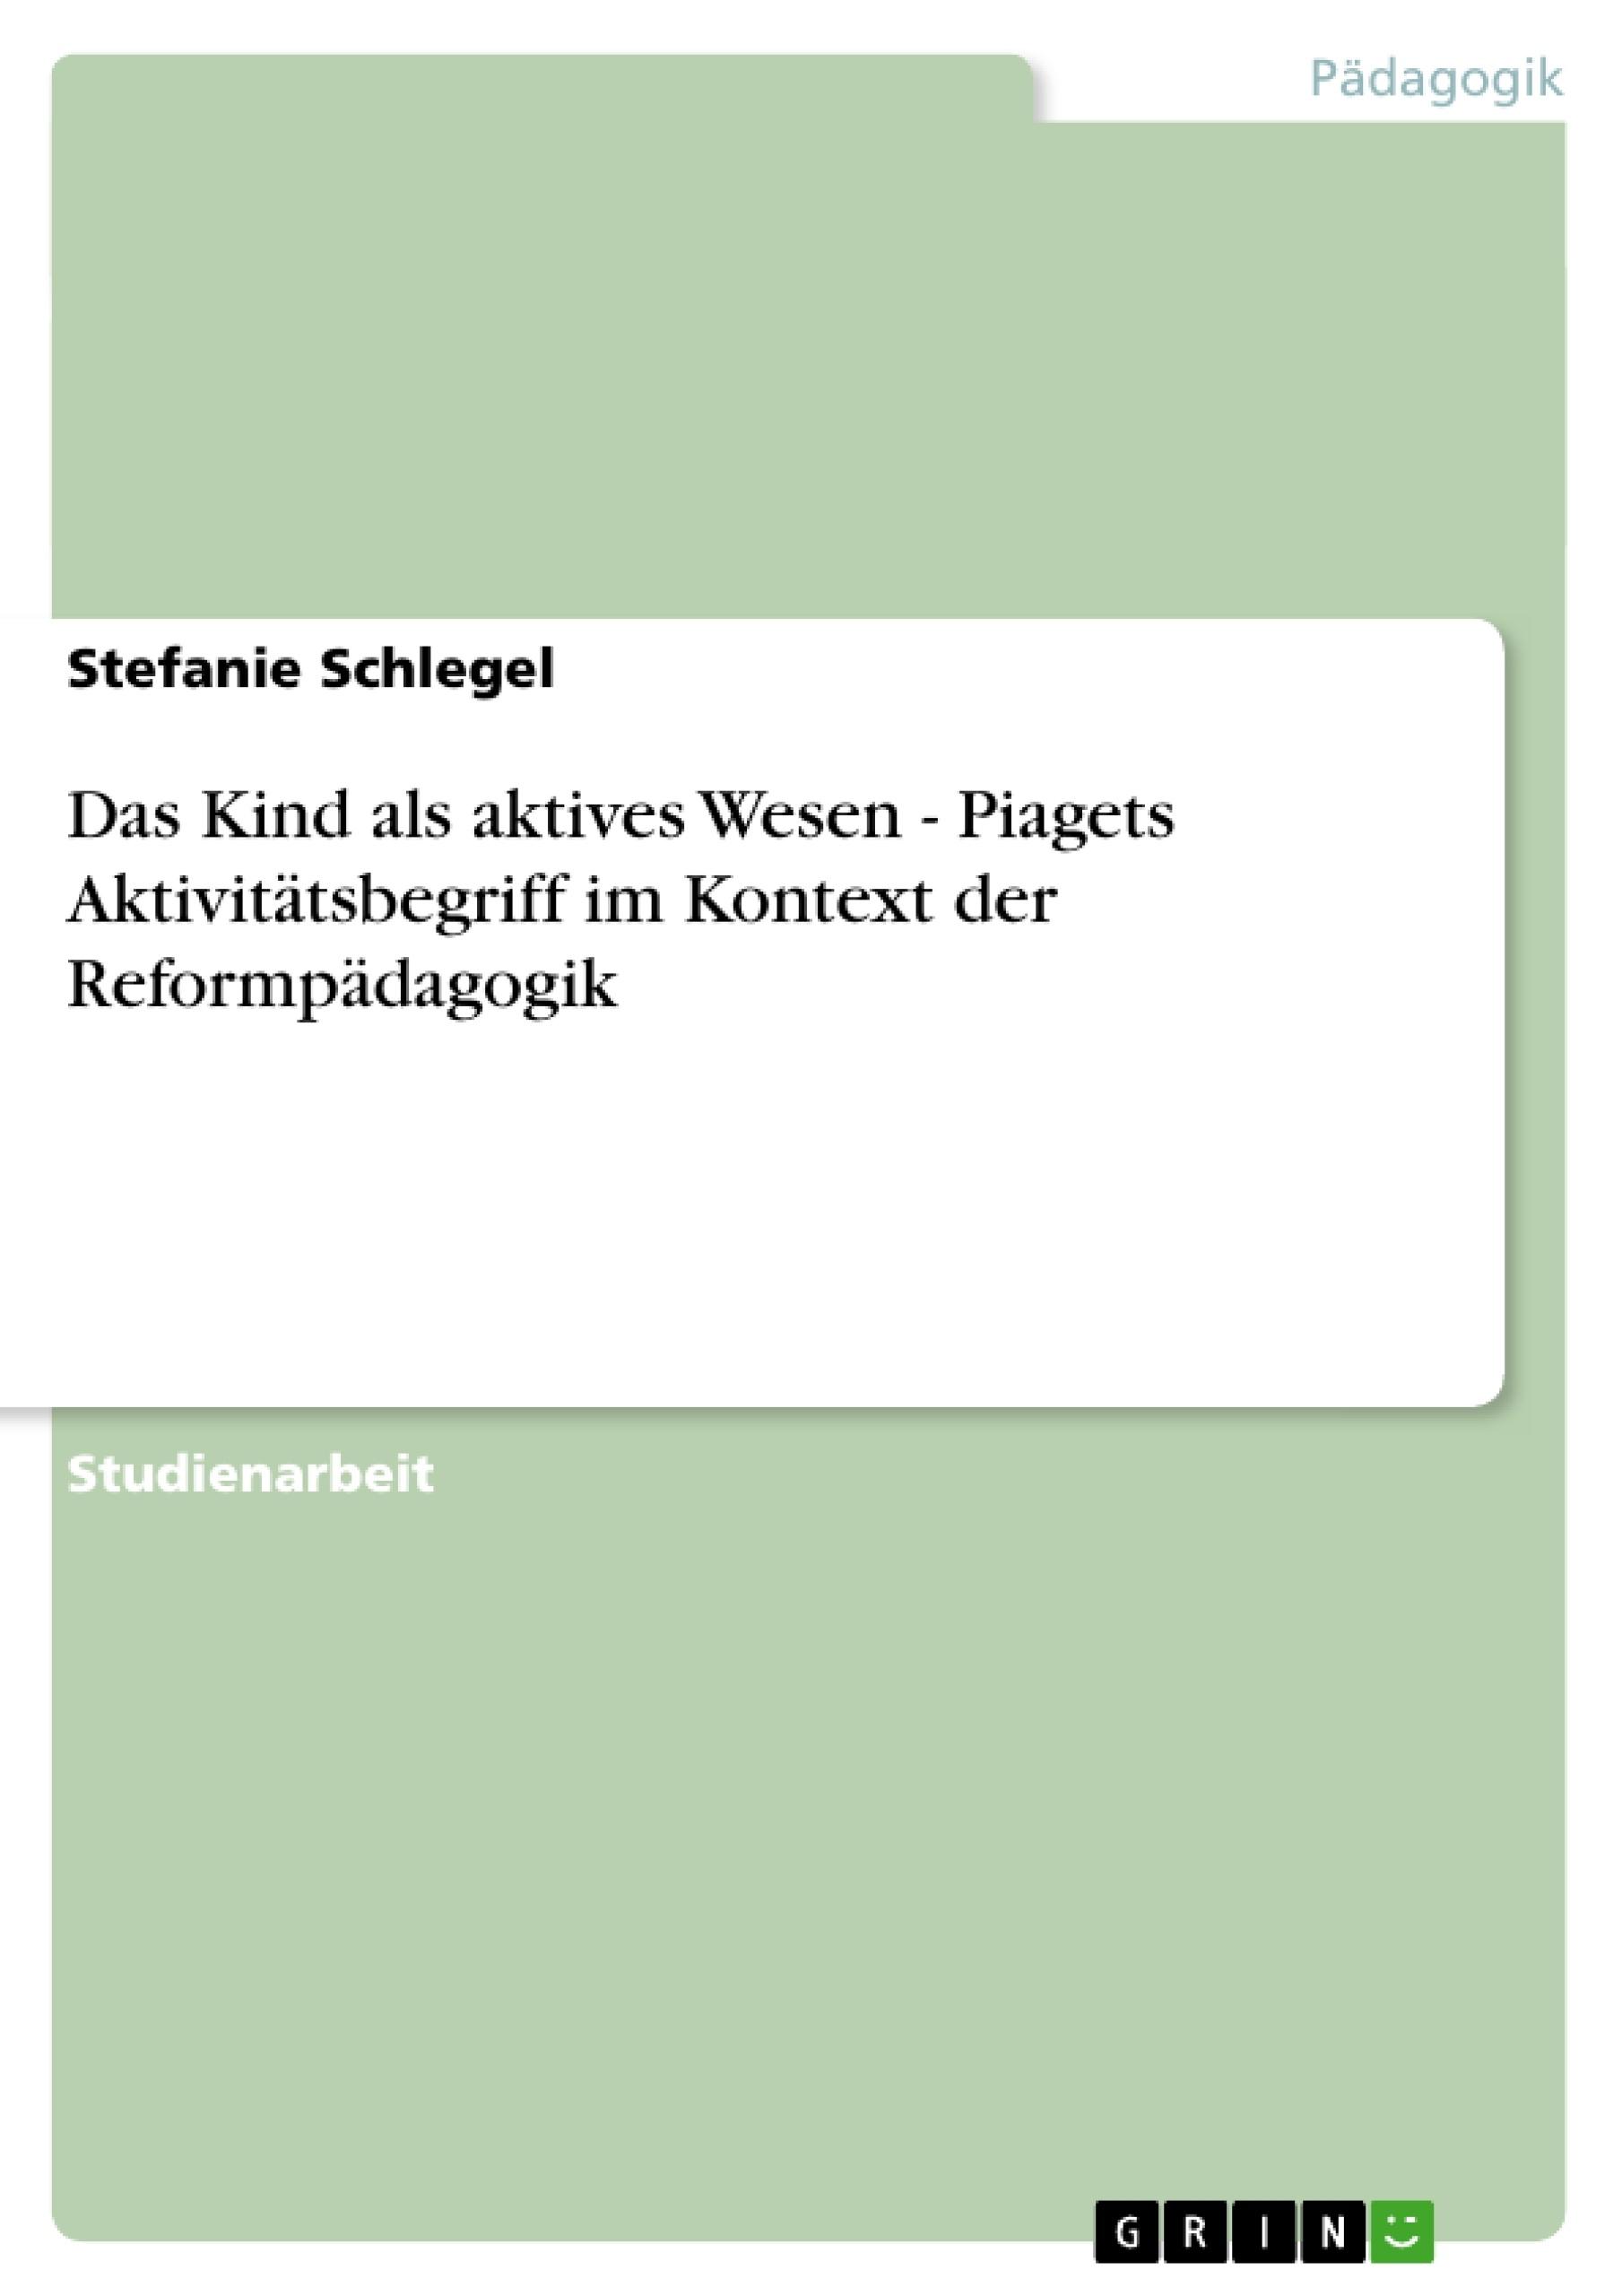 Titel: Das Kind als aktives Wesen - Piagets Aktivitätsbegriff im Kontext der Reformpädagogik